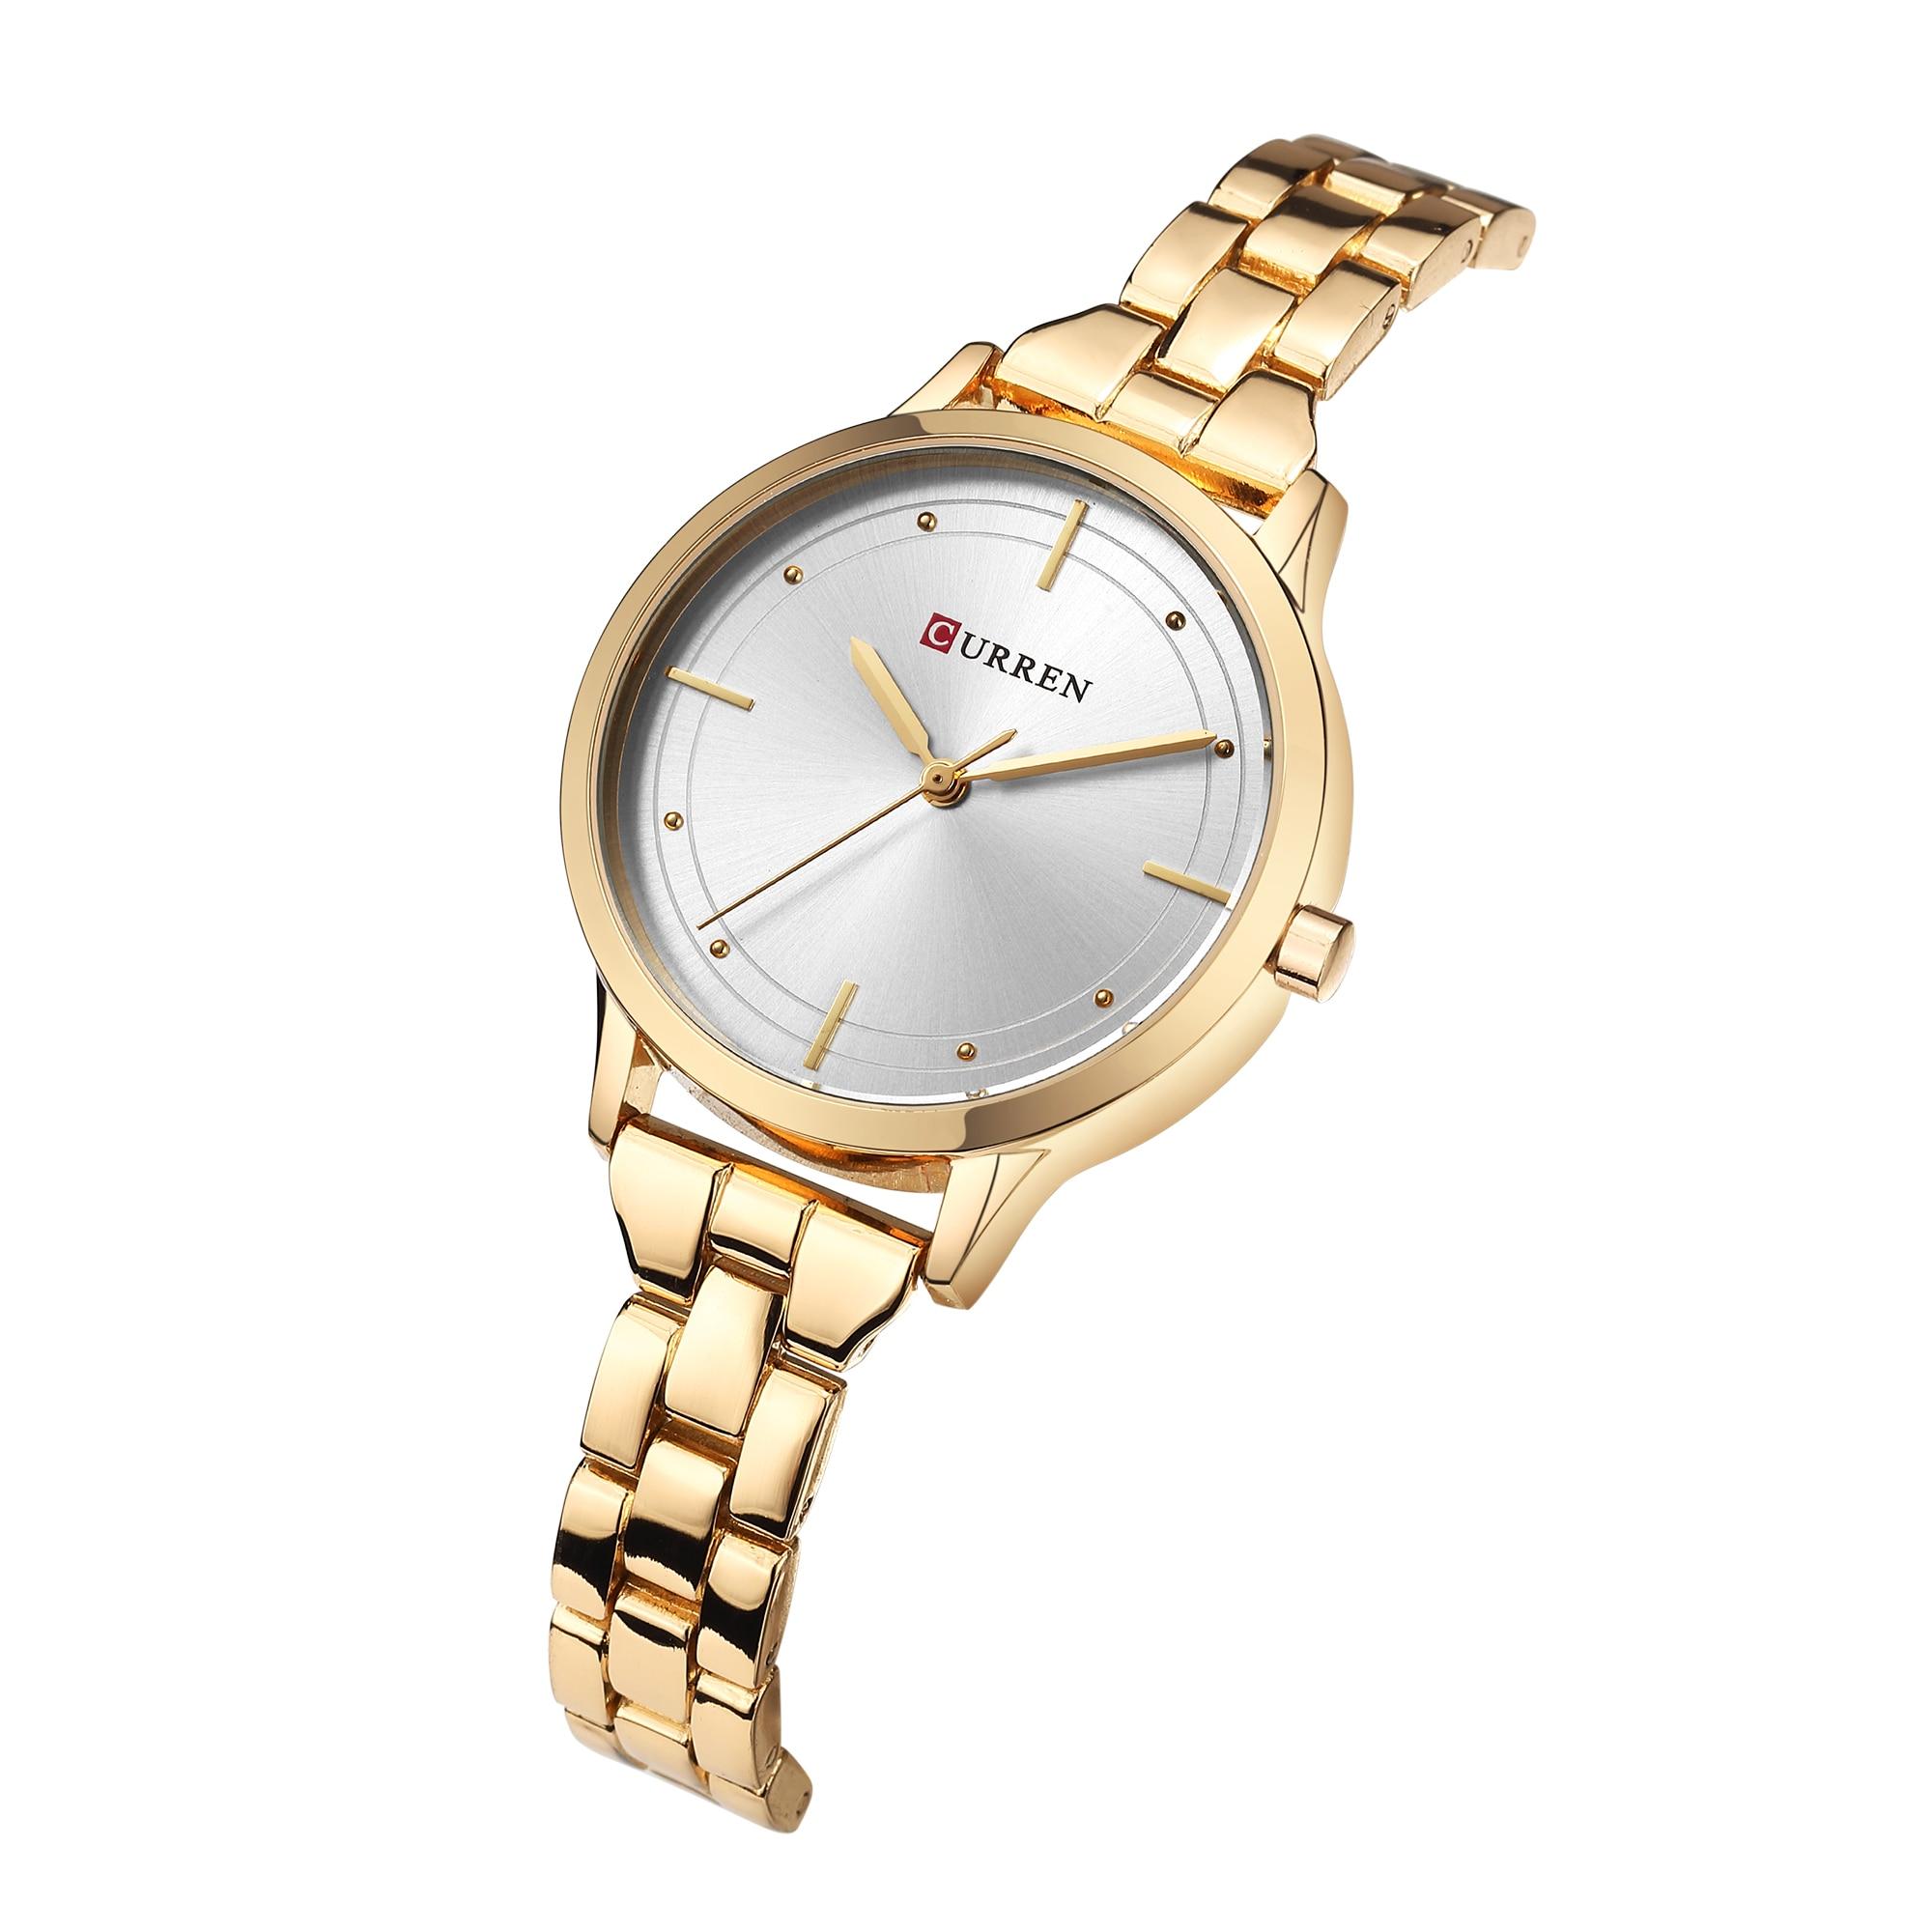 CURREN Female Watch Newest Fashion Design Women Wristwatches Gold Stainless Steel Quartz Relogio Waterproof Relojes Para Mujer